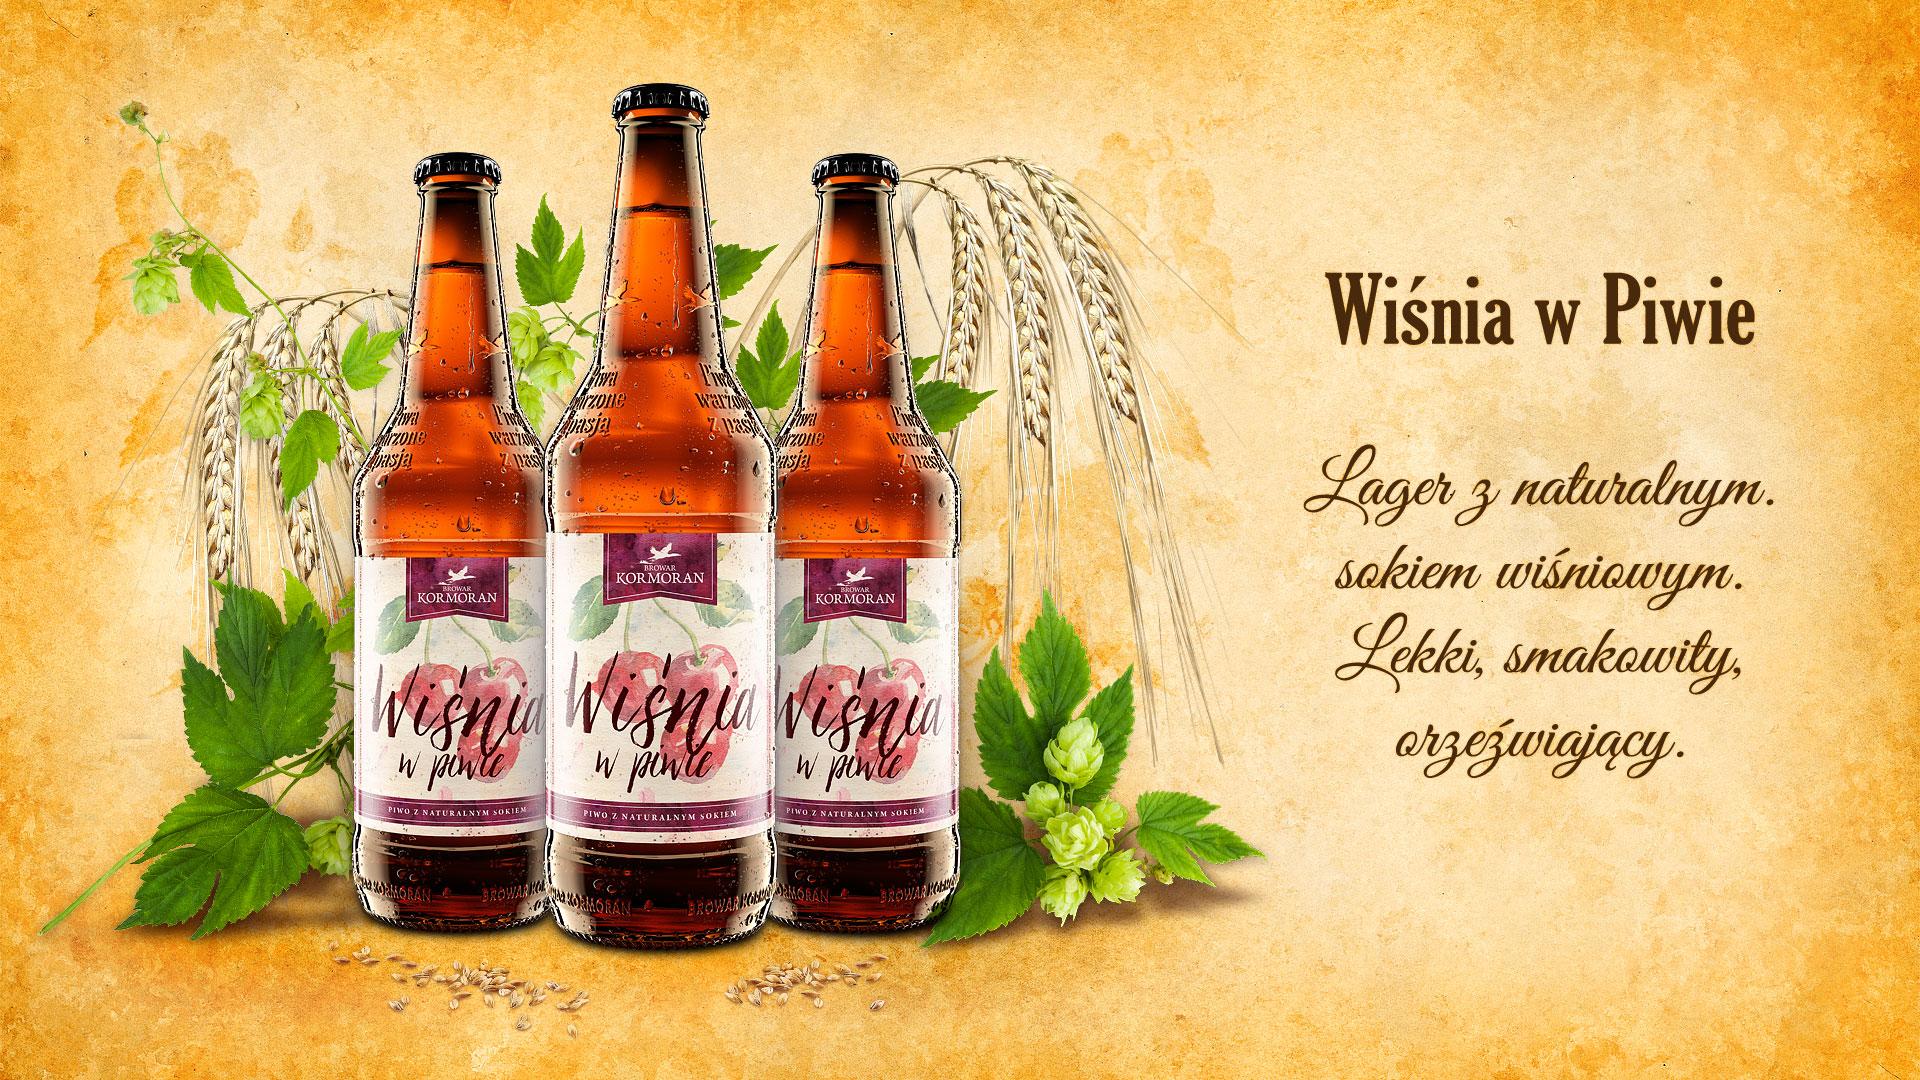 Piwo Wiśnia w Piwie - Browar Kormoran